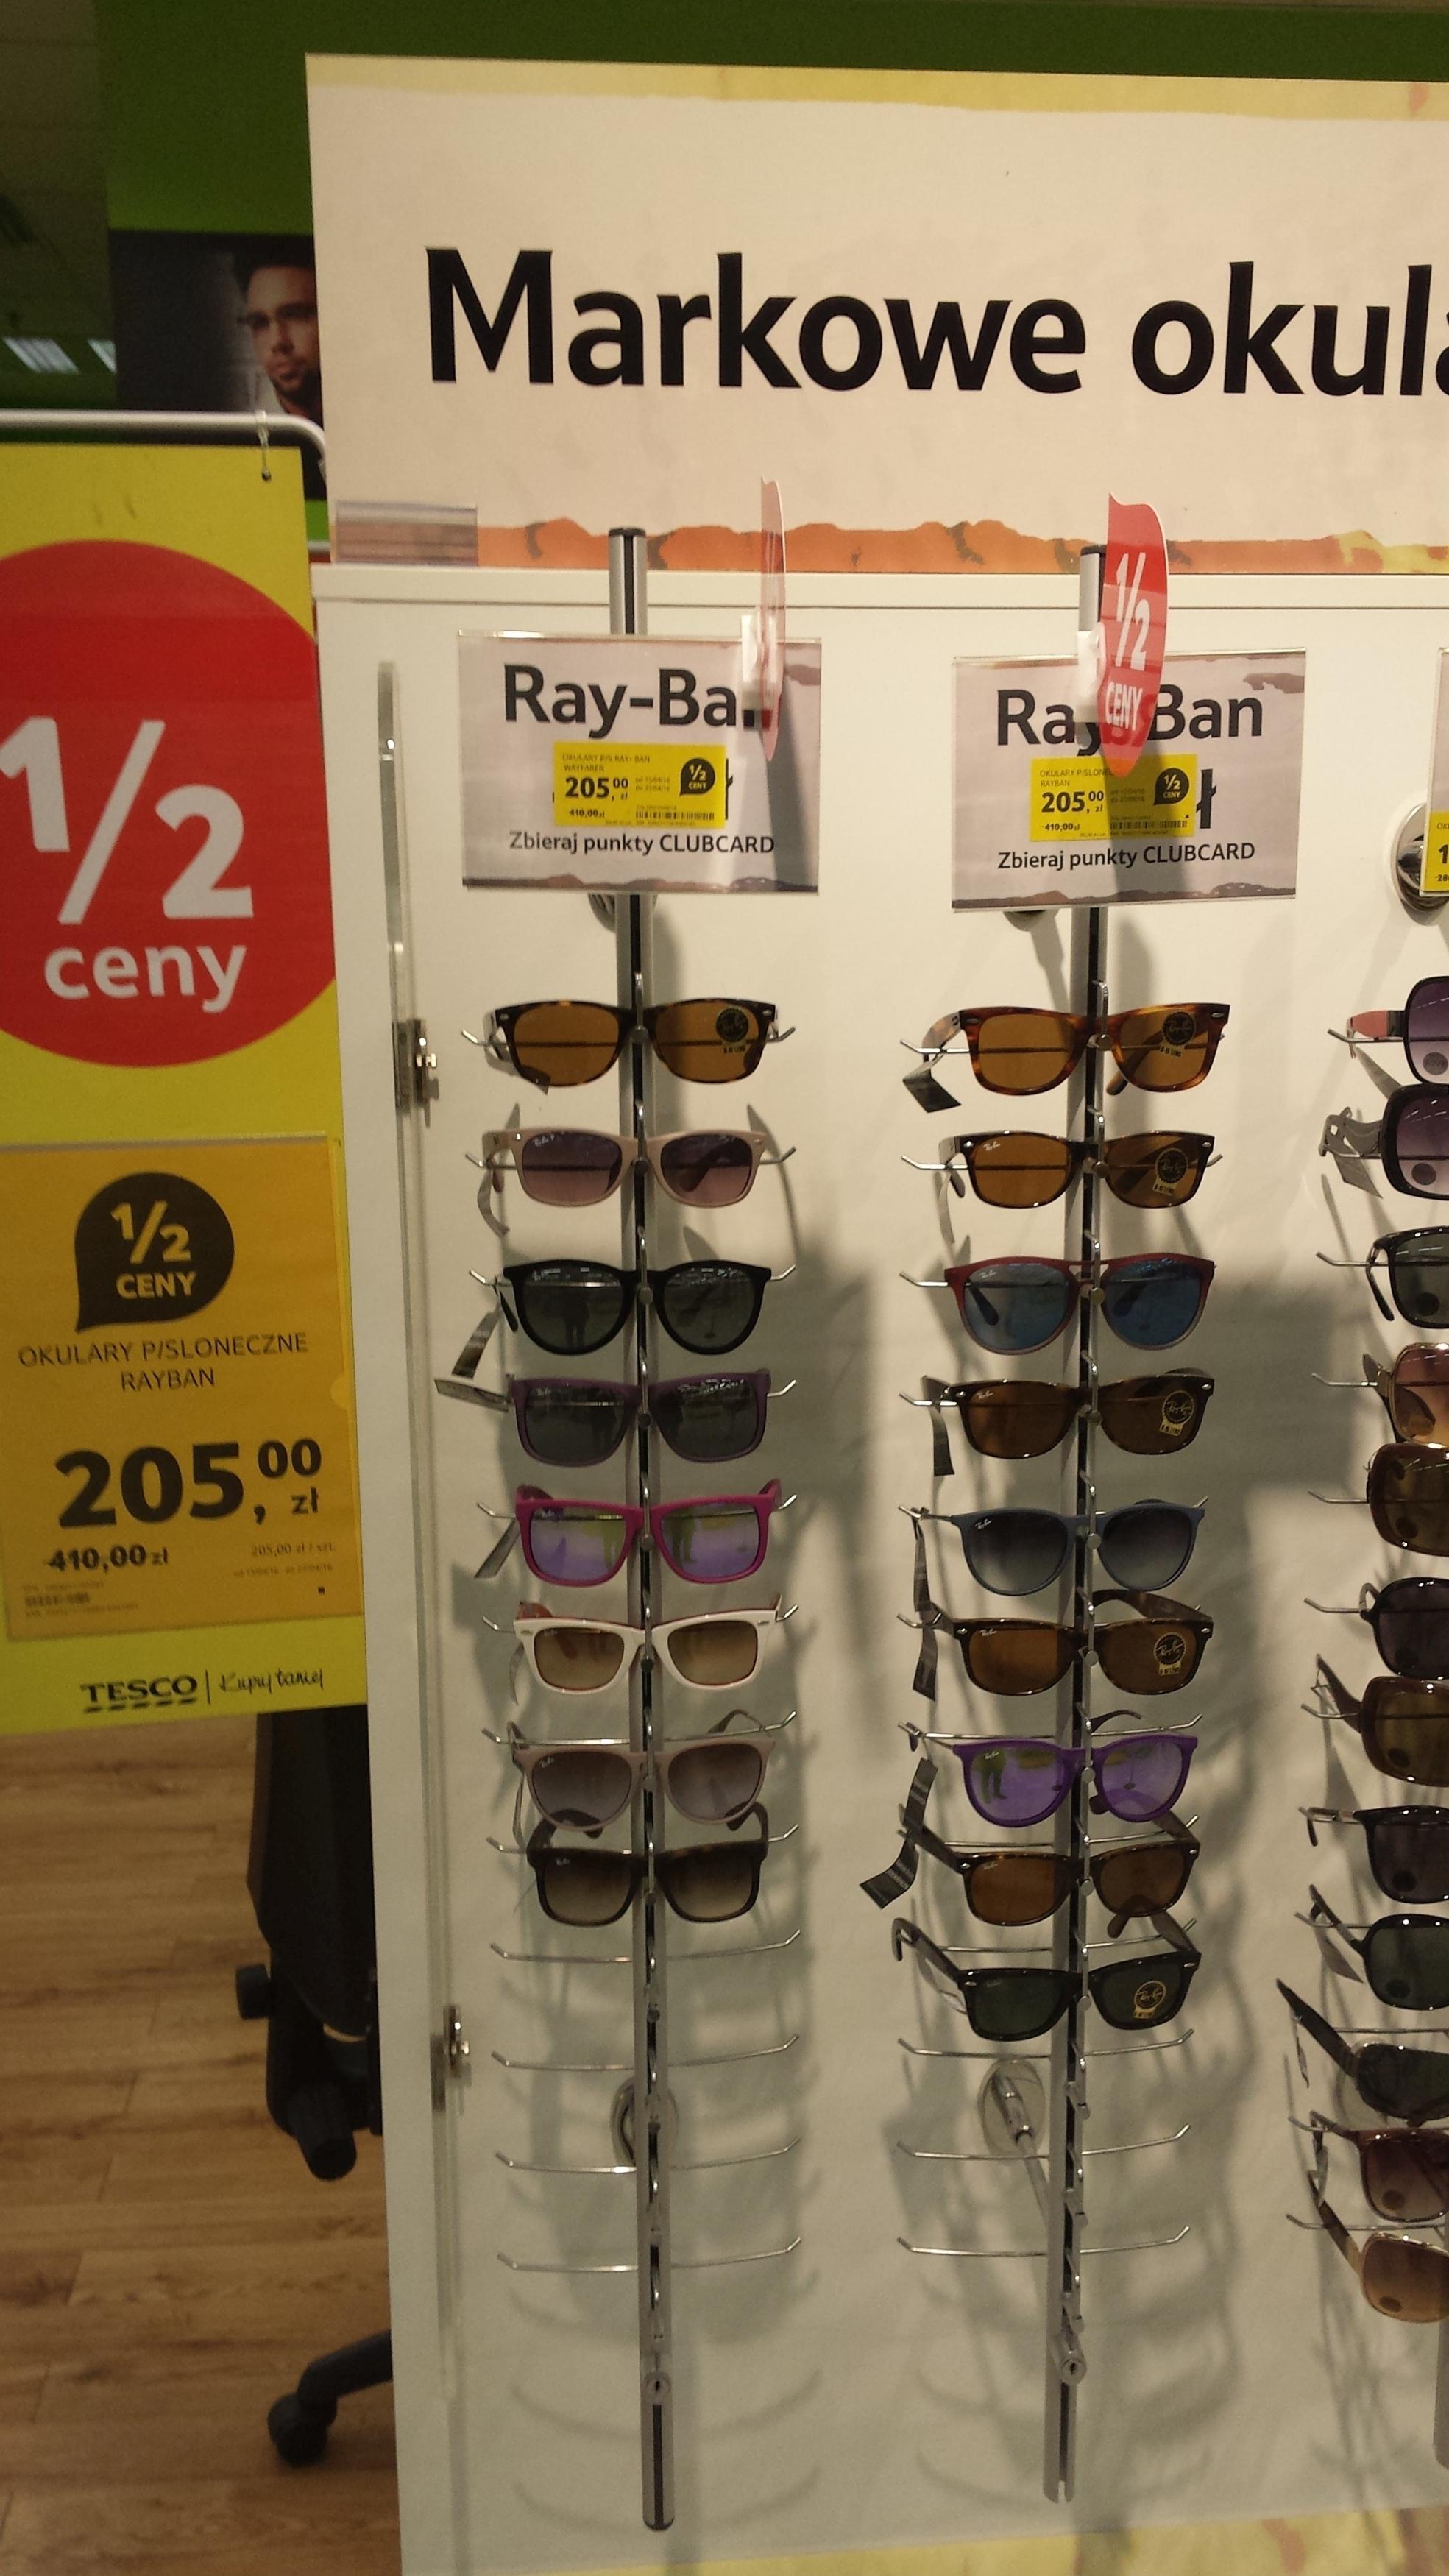 okulary przeciwsłoneczne Ray Ban -50% @Tesco lokalnie